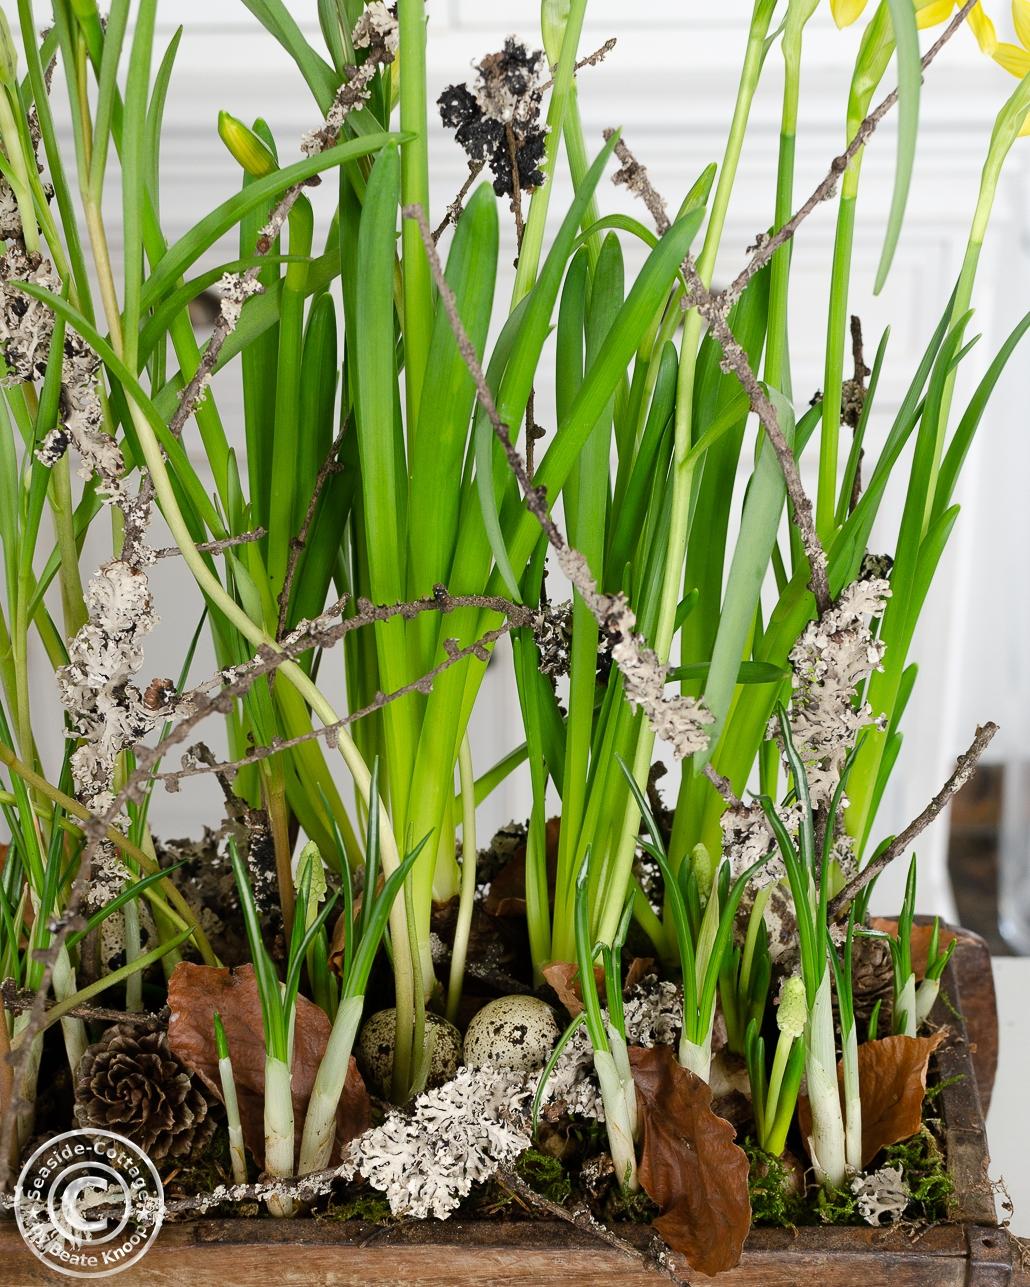 Naturnahe Bodengestaltung in einer Ziegelform aus Holz mit Frühlingsblumen